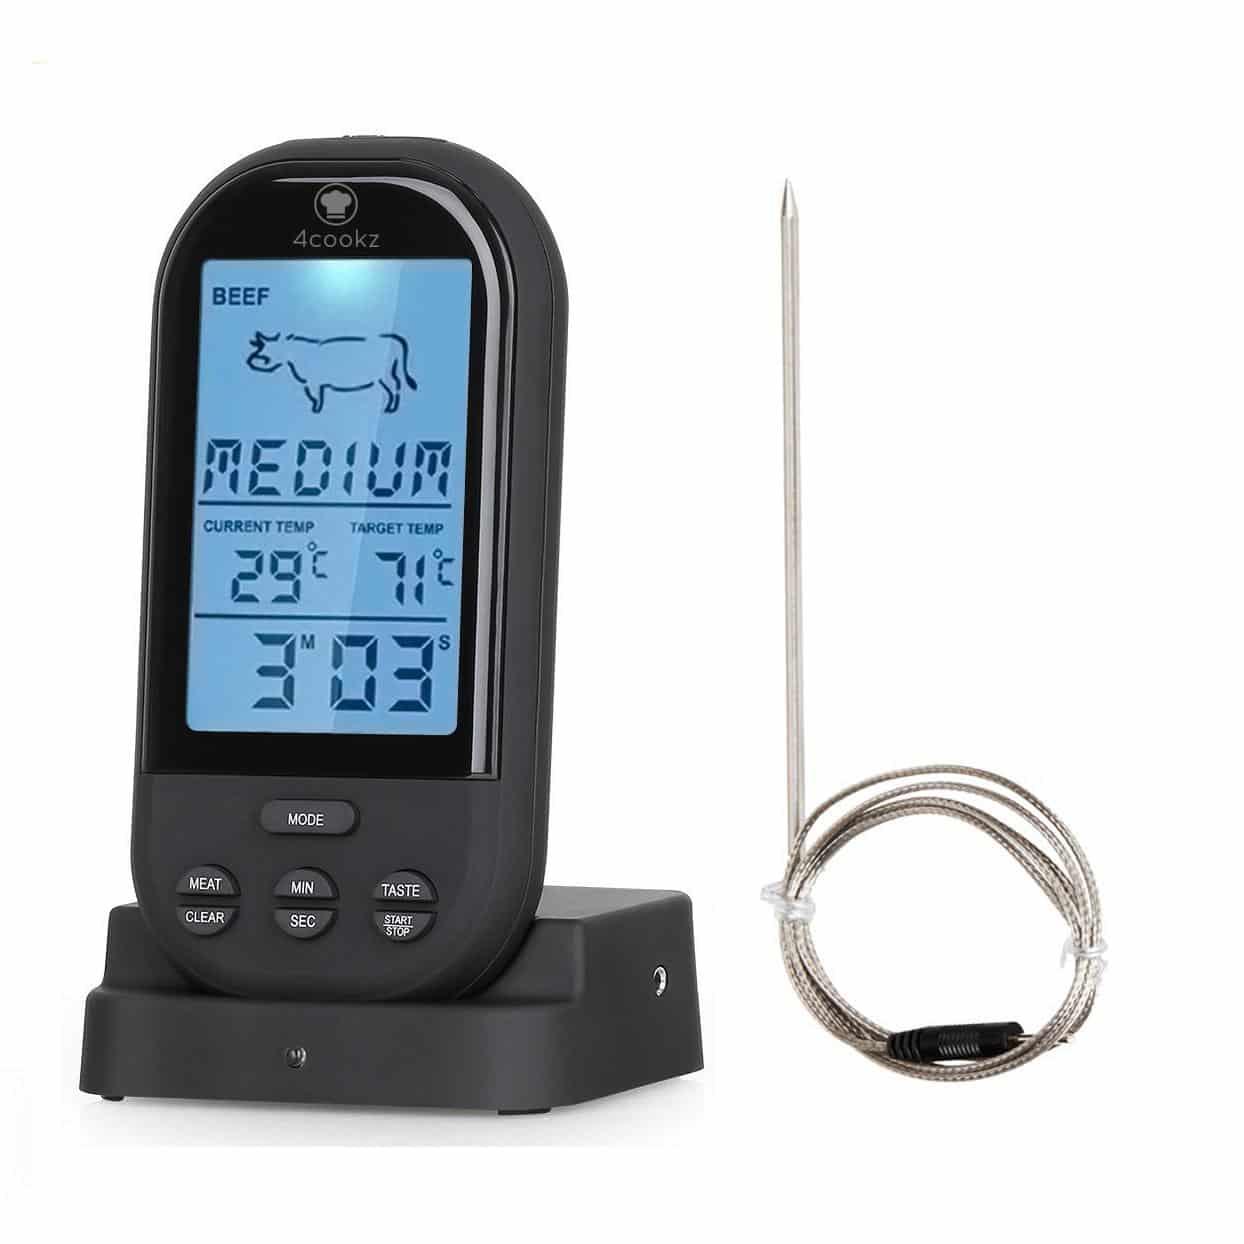 4cookz® Draadloze vleesthermometer/BBQ thermometer - Zwart - 0° - 250°